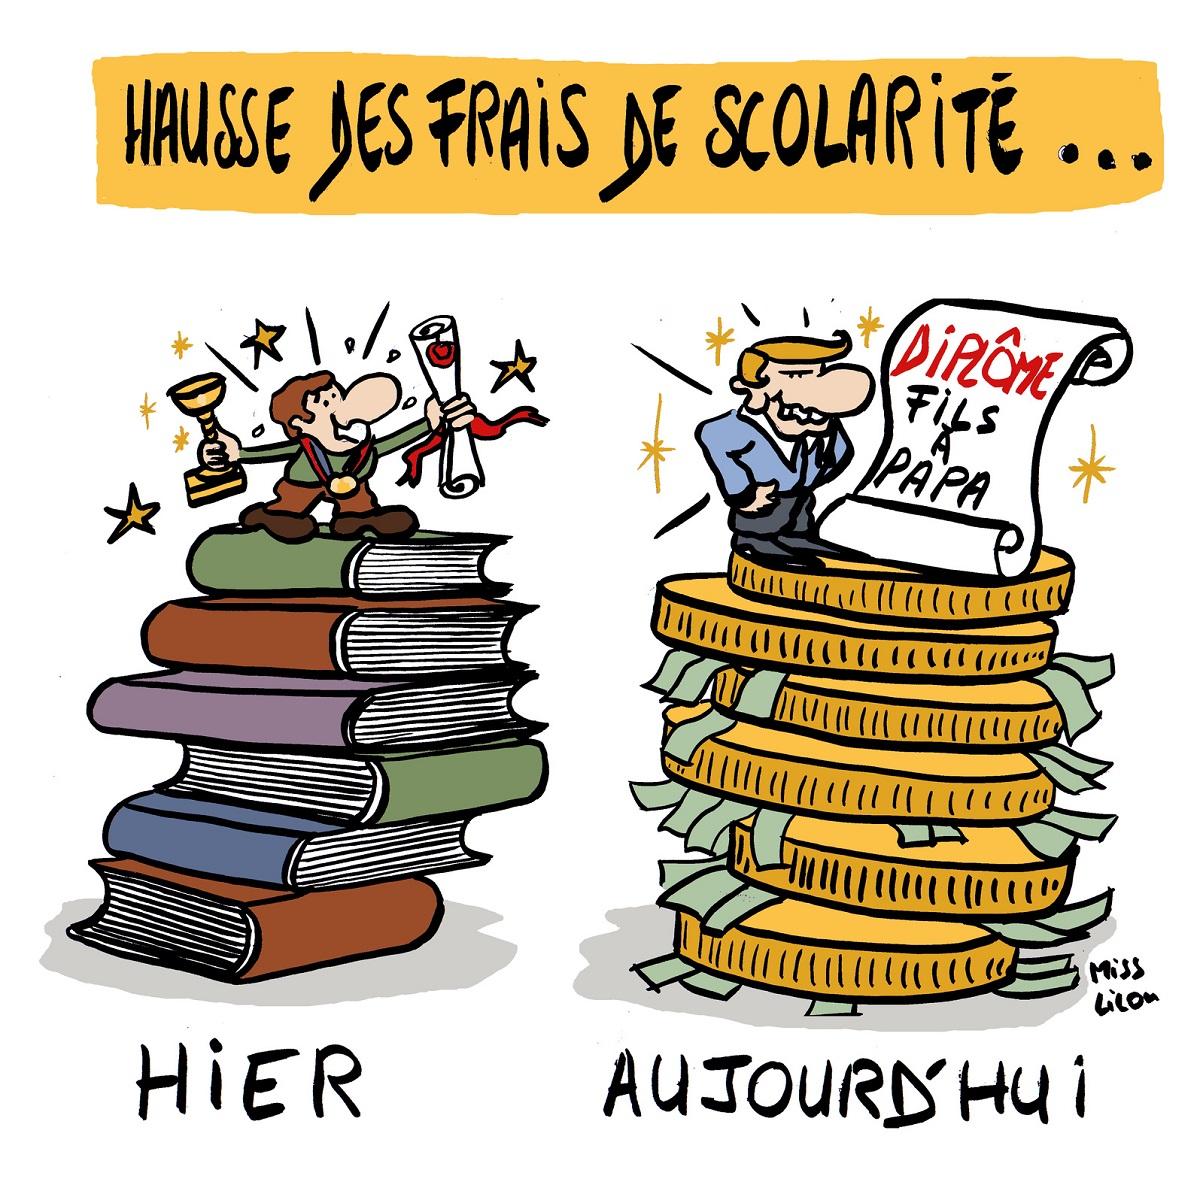 dessin d'actualité humoristique sur la hausse des frais de scolarité